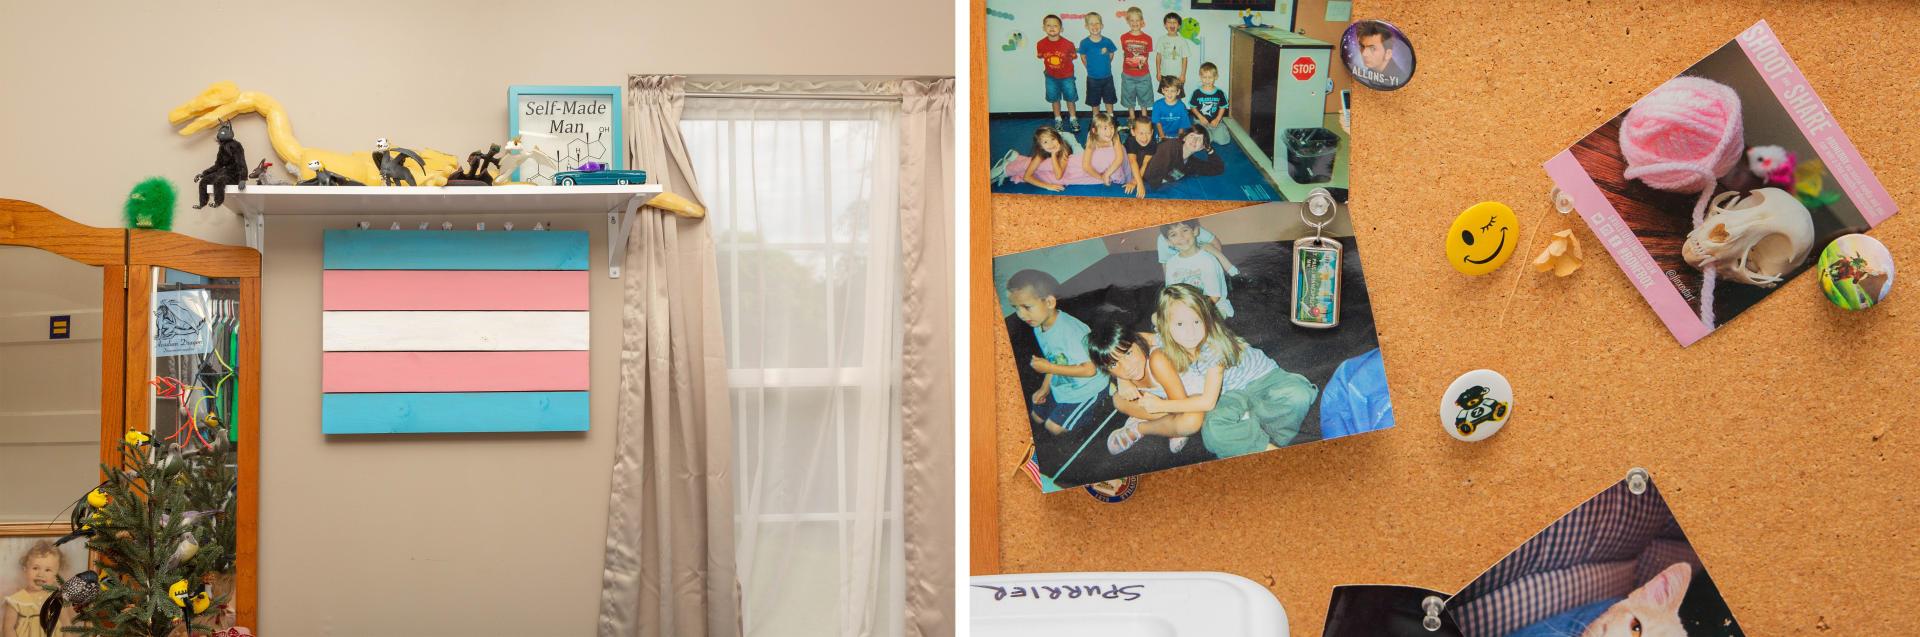 Un drapeau transgenre est accroché au mur de la chambre de Cas Spurrier sous une étagère remplie de figurines qu'il a fabriquées de ses personnages préférés. Un pêle-mêle de photos de famille dans la maison des Spurrier le 12 mai 2021.